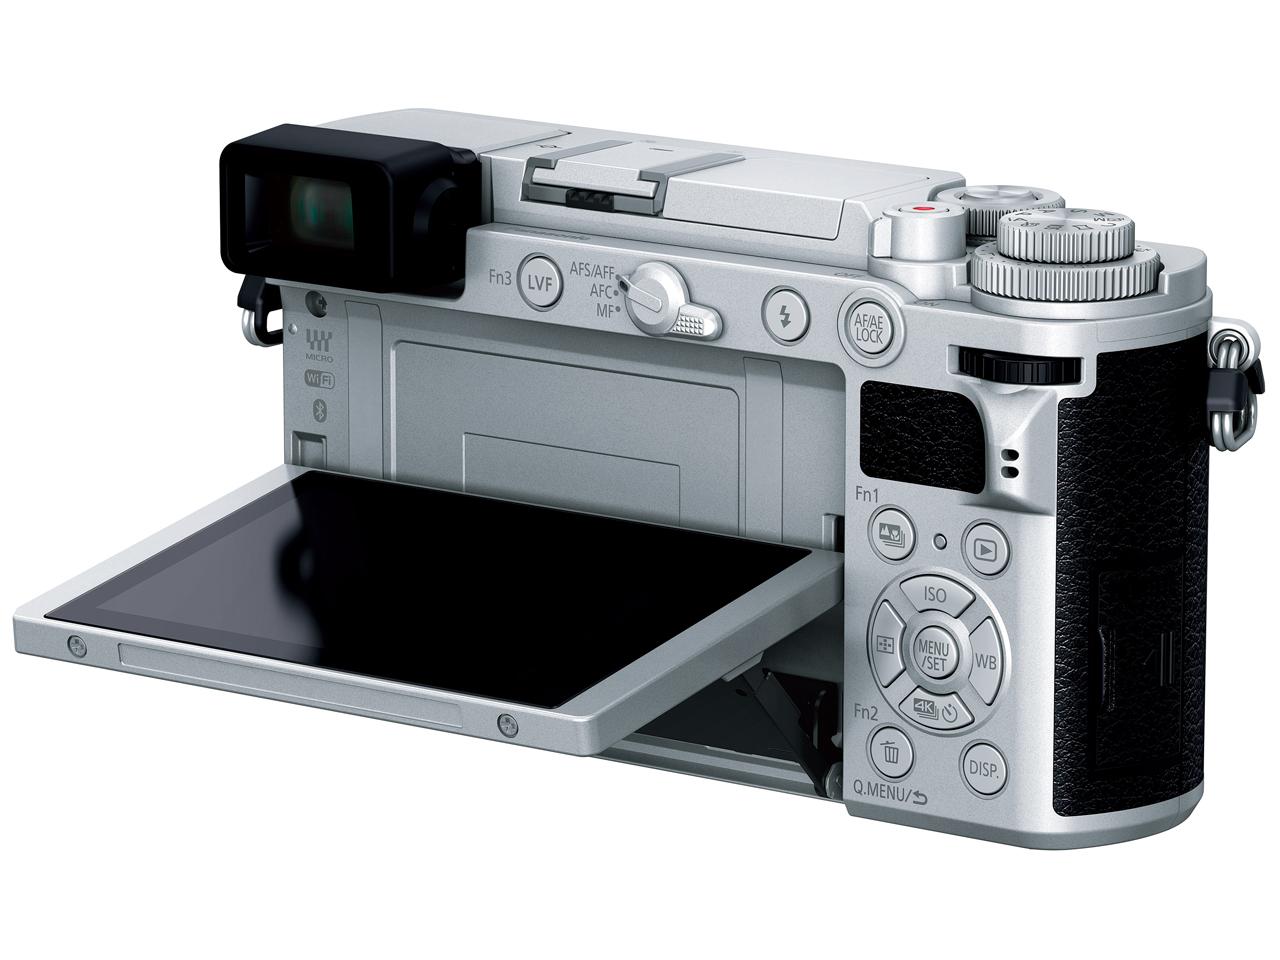 『本体 背面 バリアングル1』 LUMIX DC-GX7MK3-S ボディ [シルバー] の製品画像